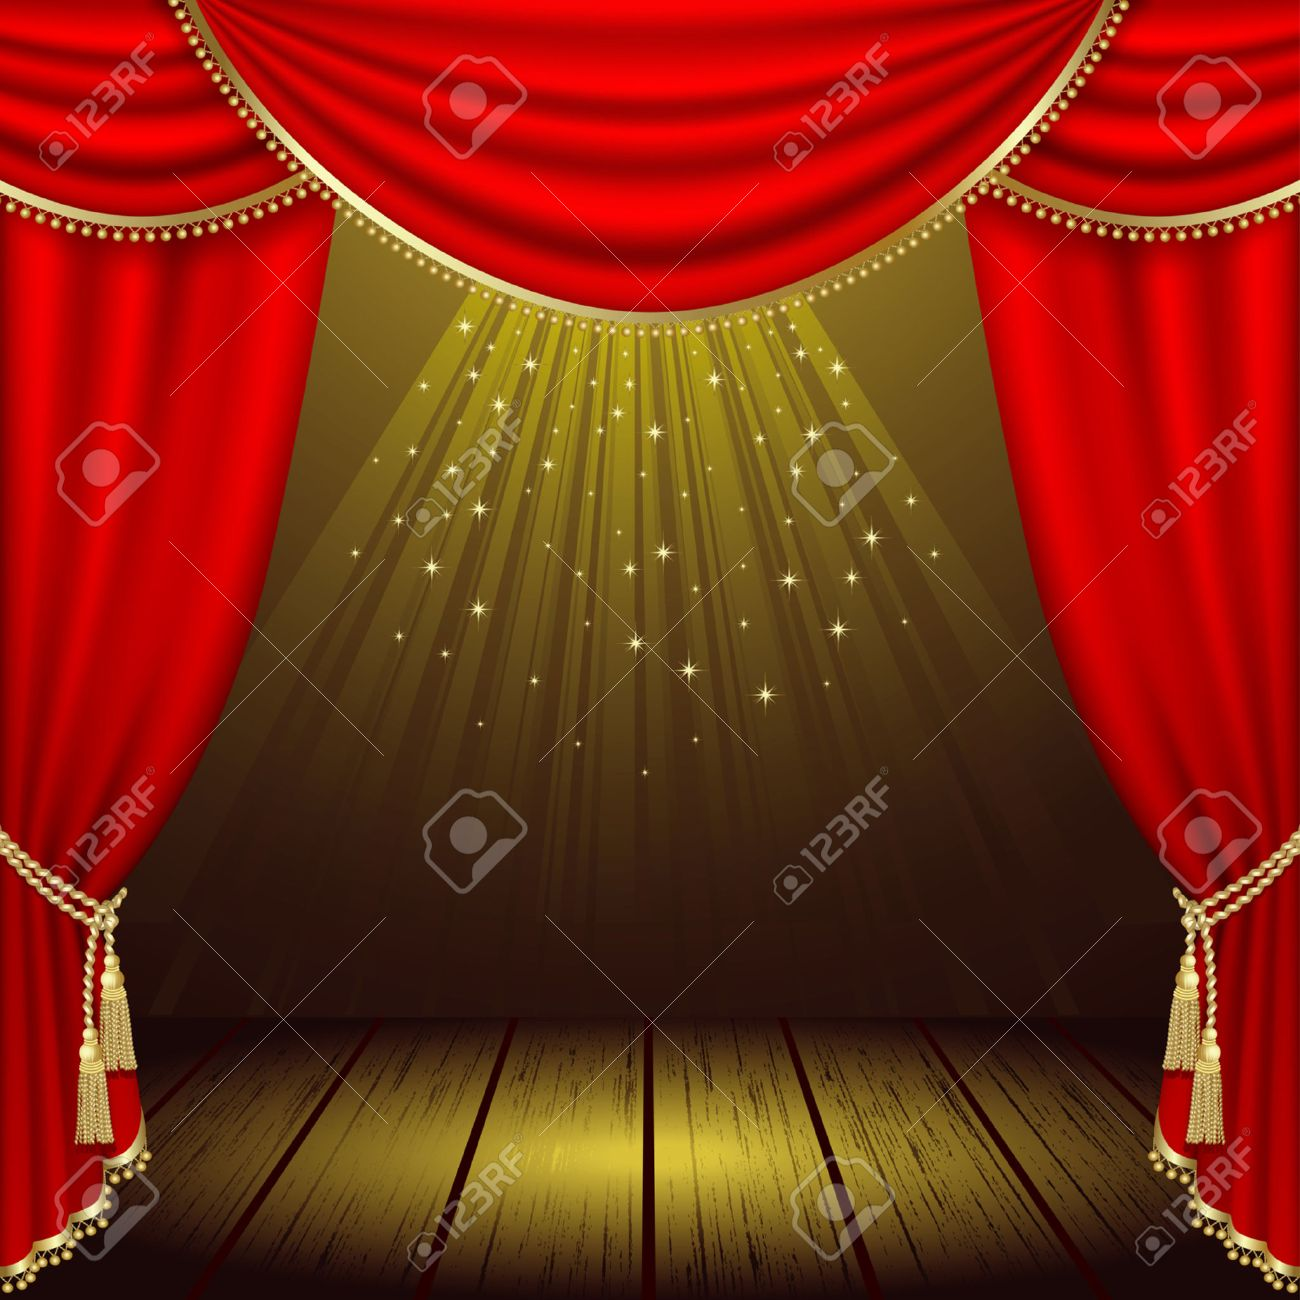 Theater podium met rood gordijn royalty vrije cliparts, vectoren ...